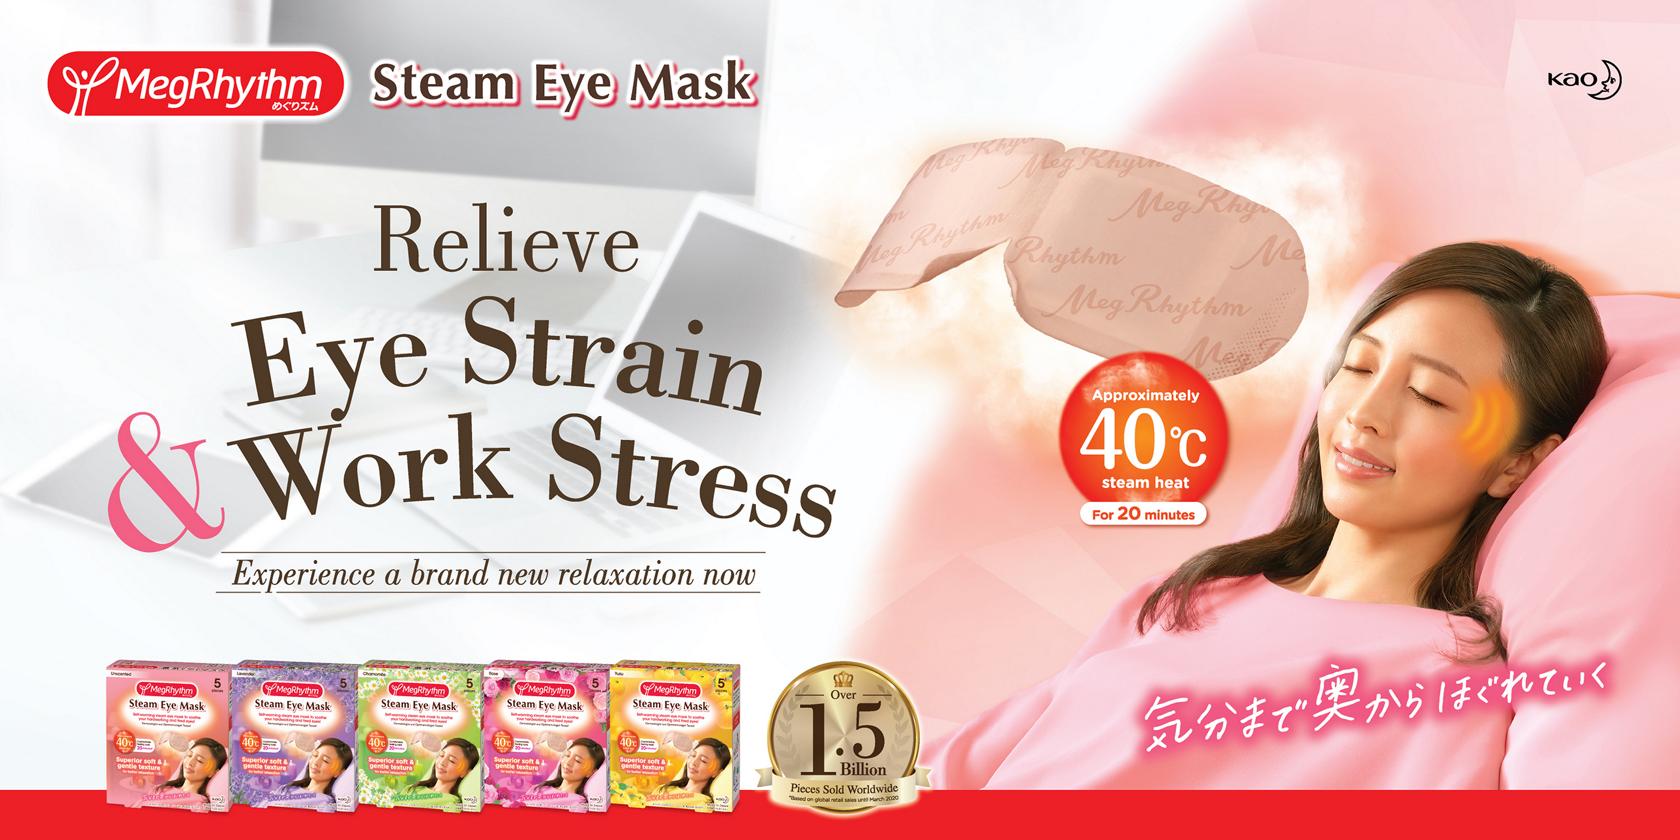 Kao - MegRhythm Steam Eye Mask 12 pcs - 8 Types